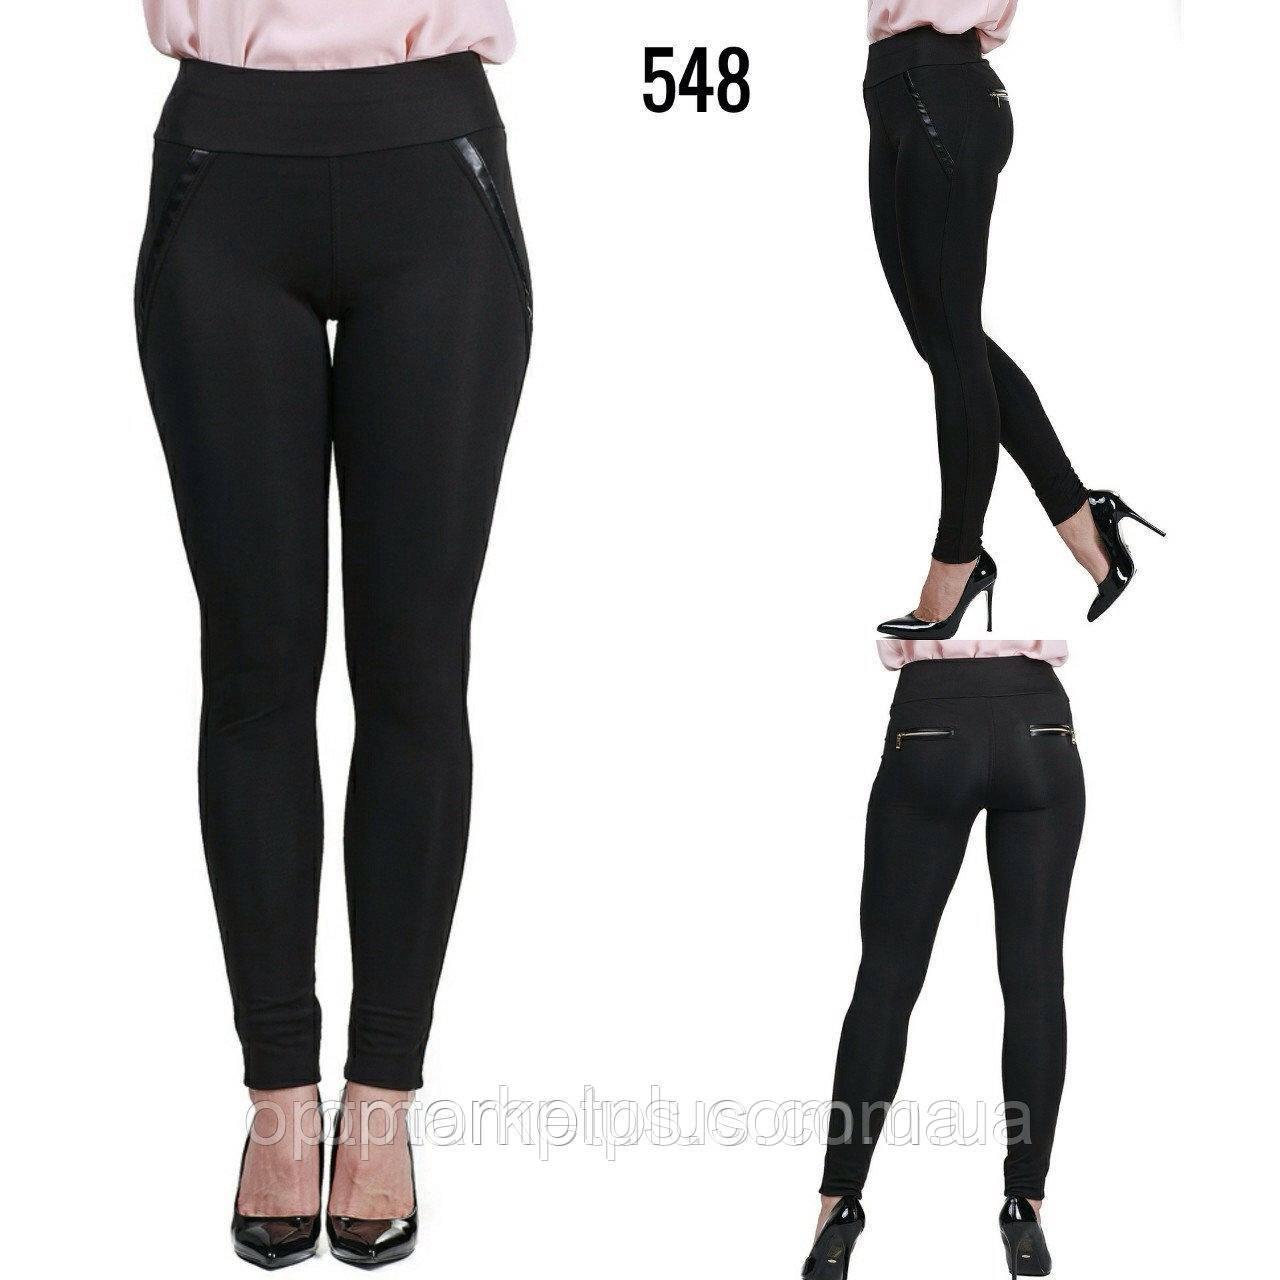 Лосины-брюки женские, дайвинг БАТАЛ (XL-4XL) оптом купить от склада 7 км